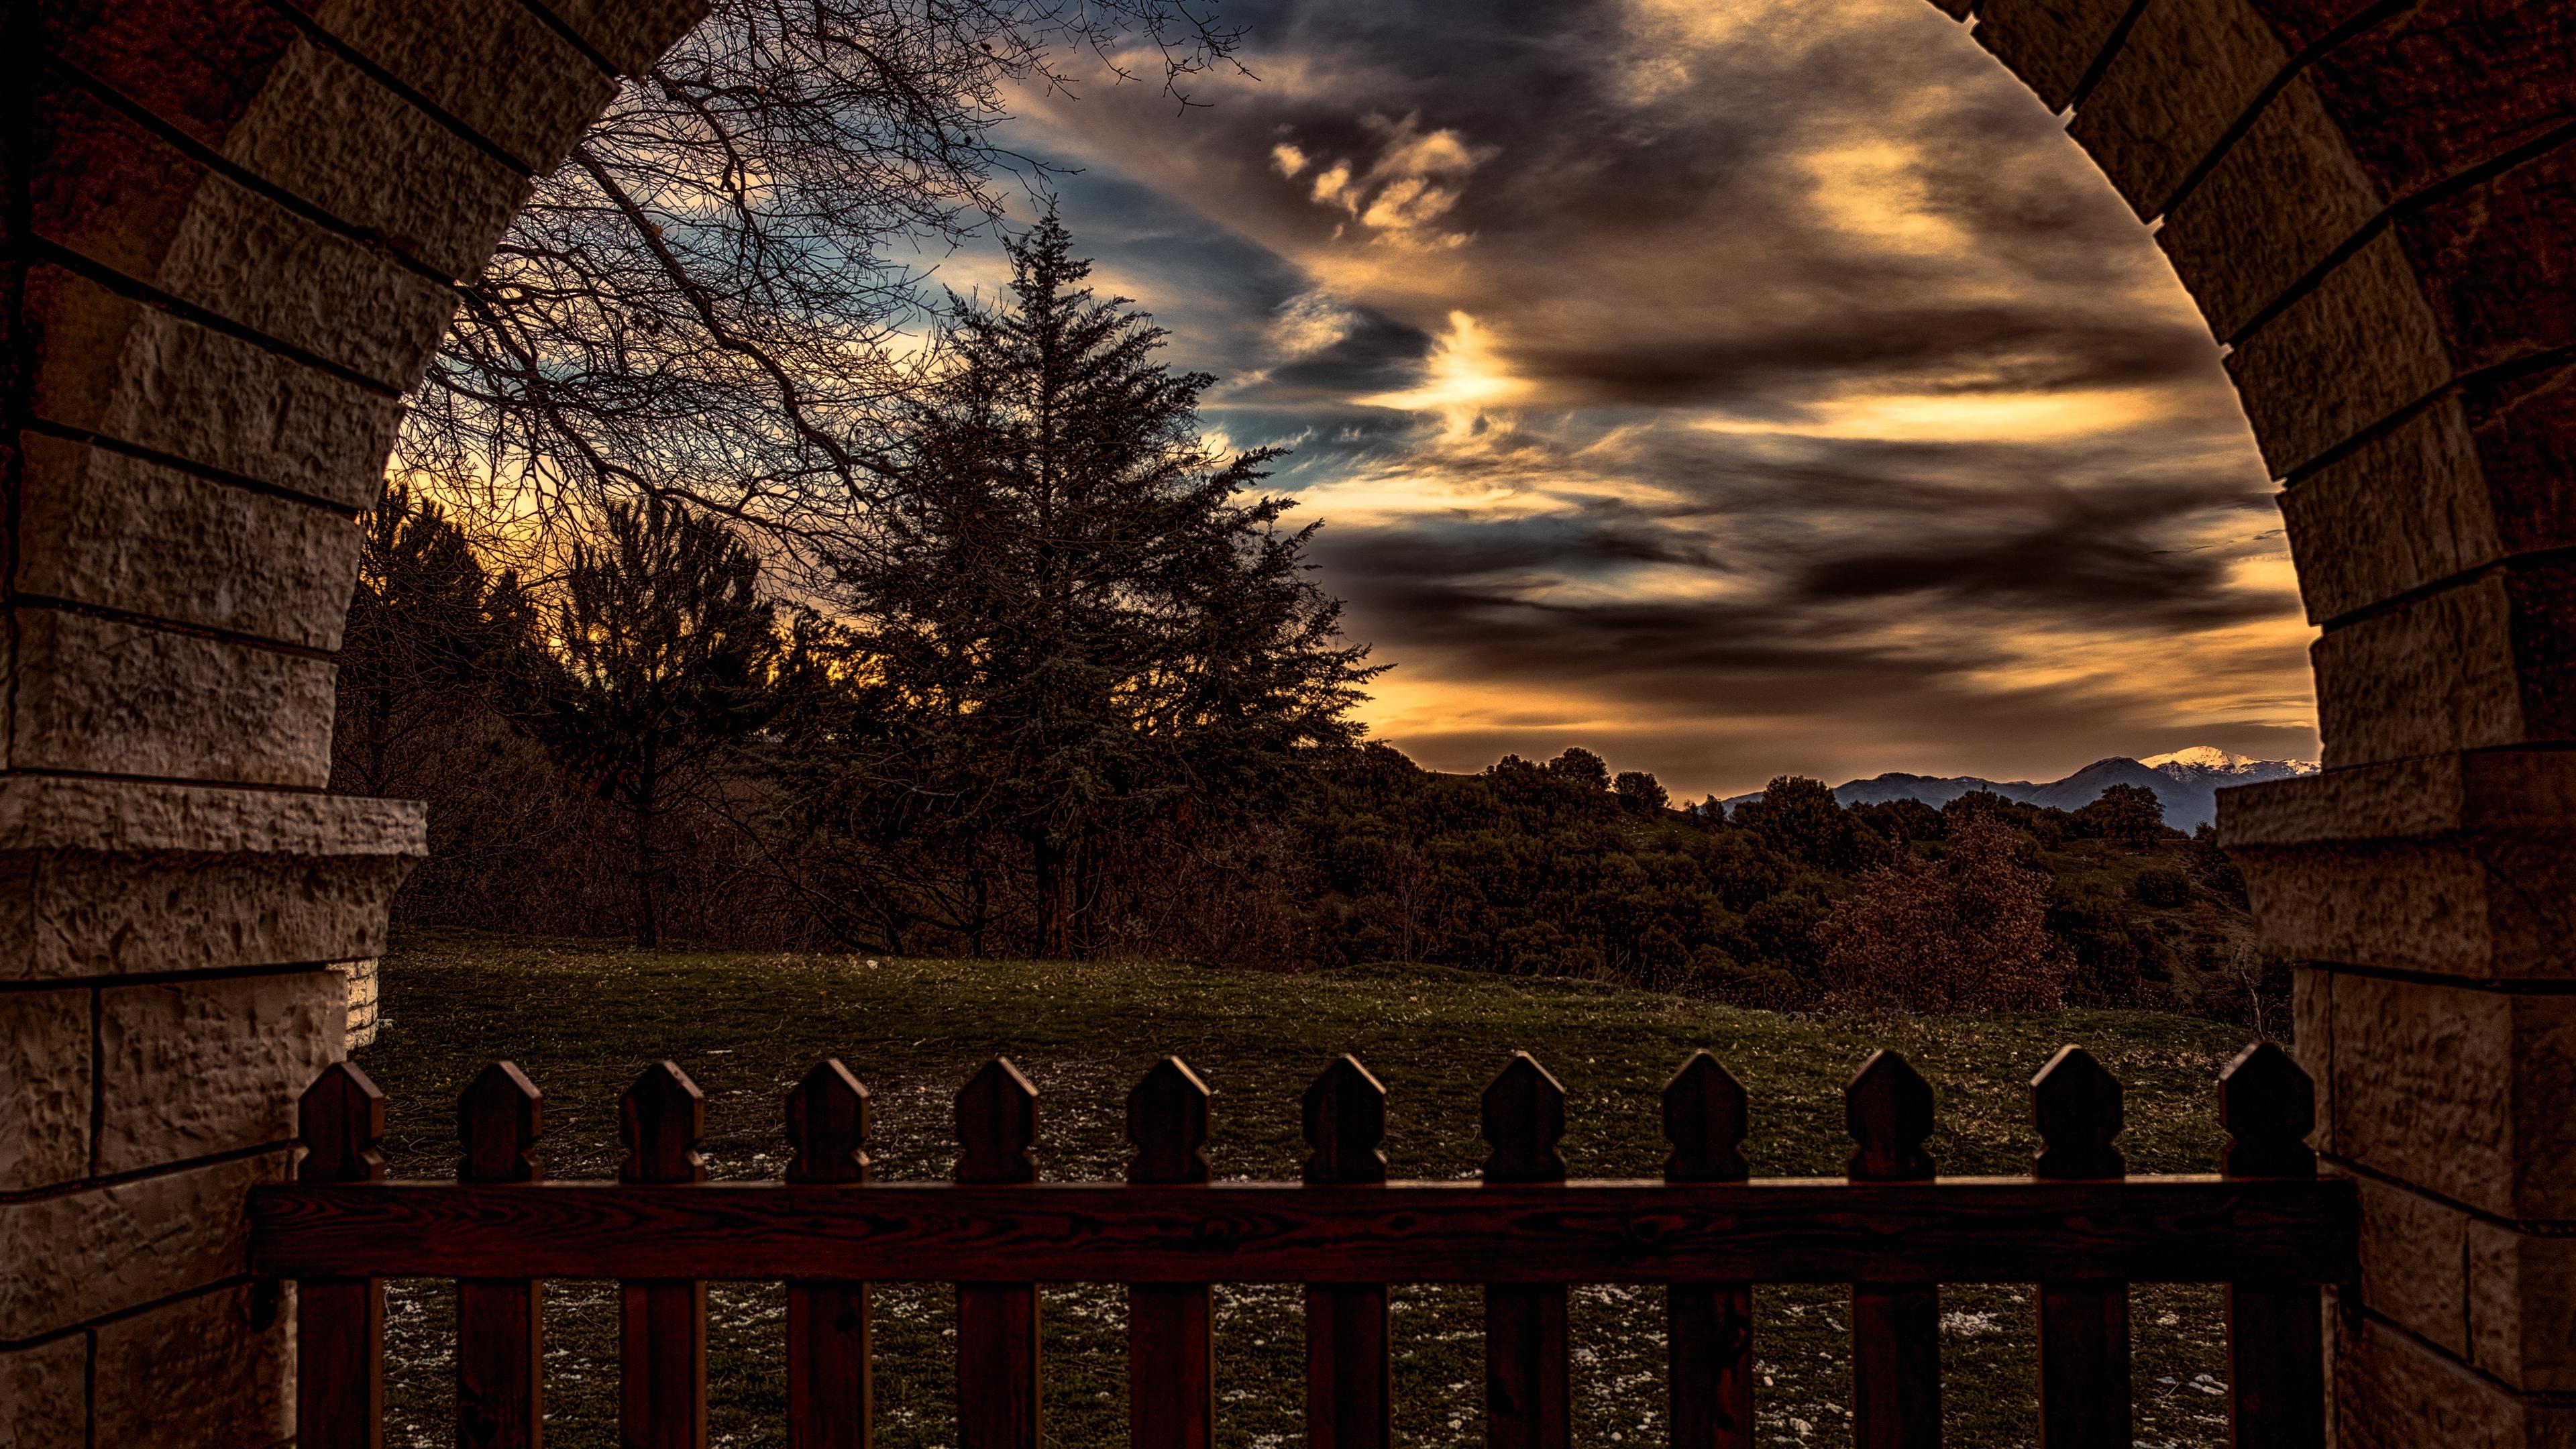 sunset trees fence arch 4k 1541114236 - sunset, trees, fence, arch 4k - Trees, sunset, fence